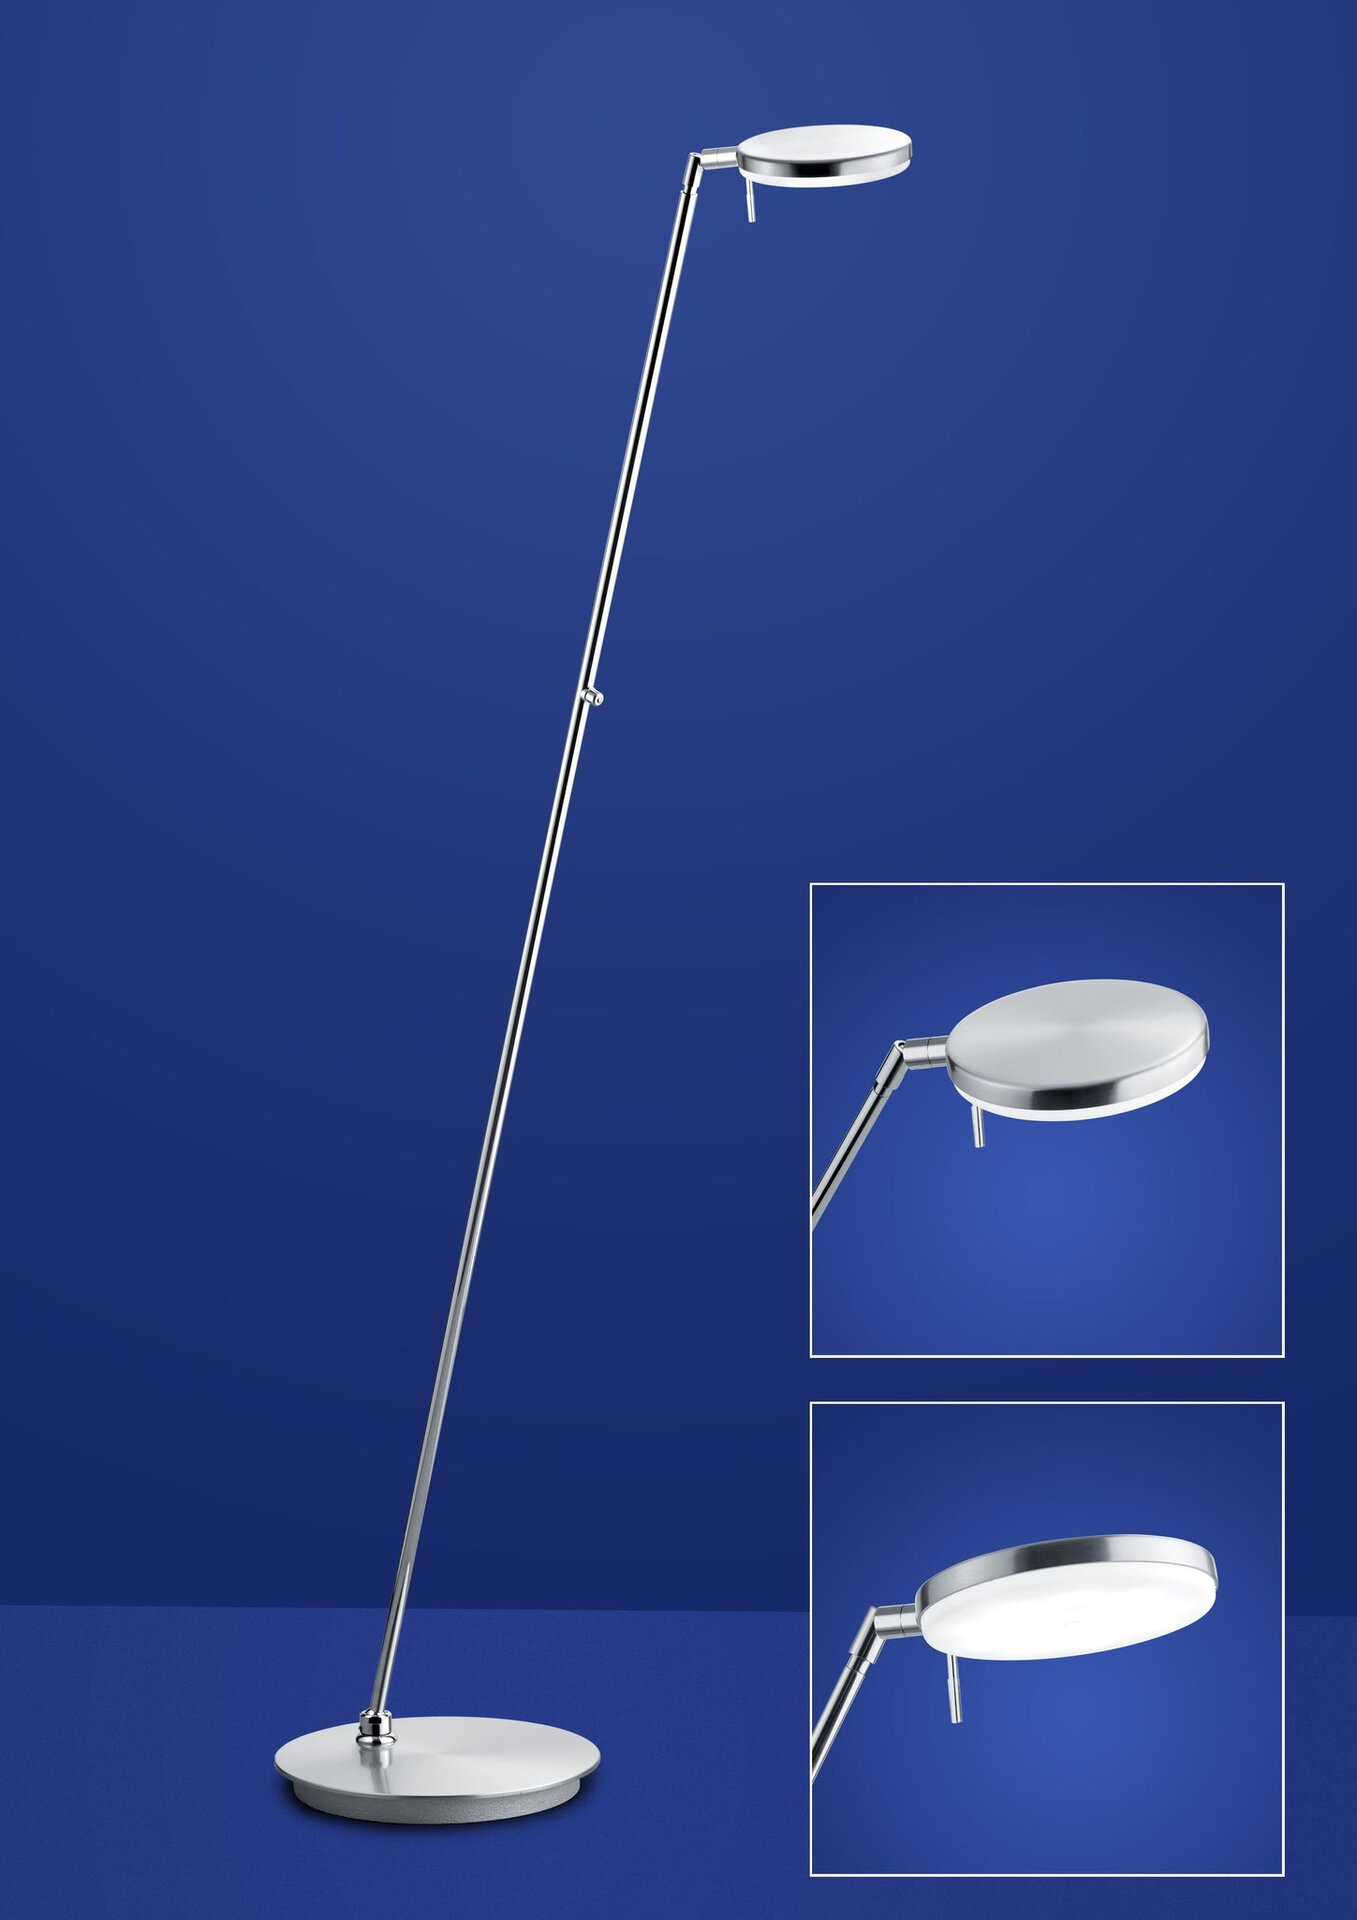 Stehleuchte OMEGA B-Leuchten Metall silber 27 x 140 x 90 cm